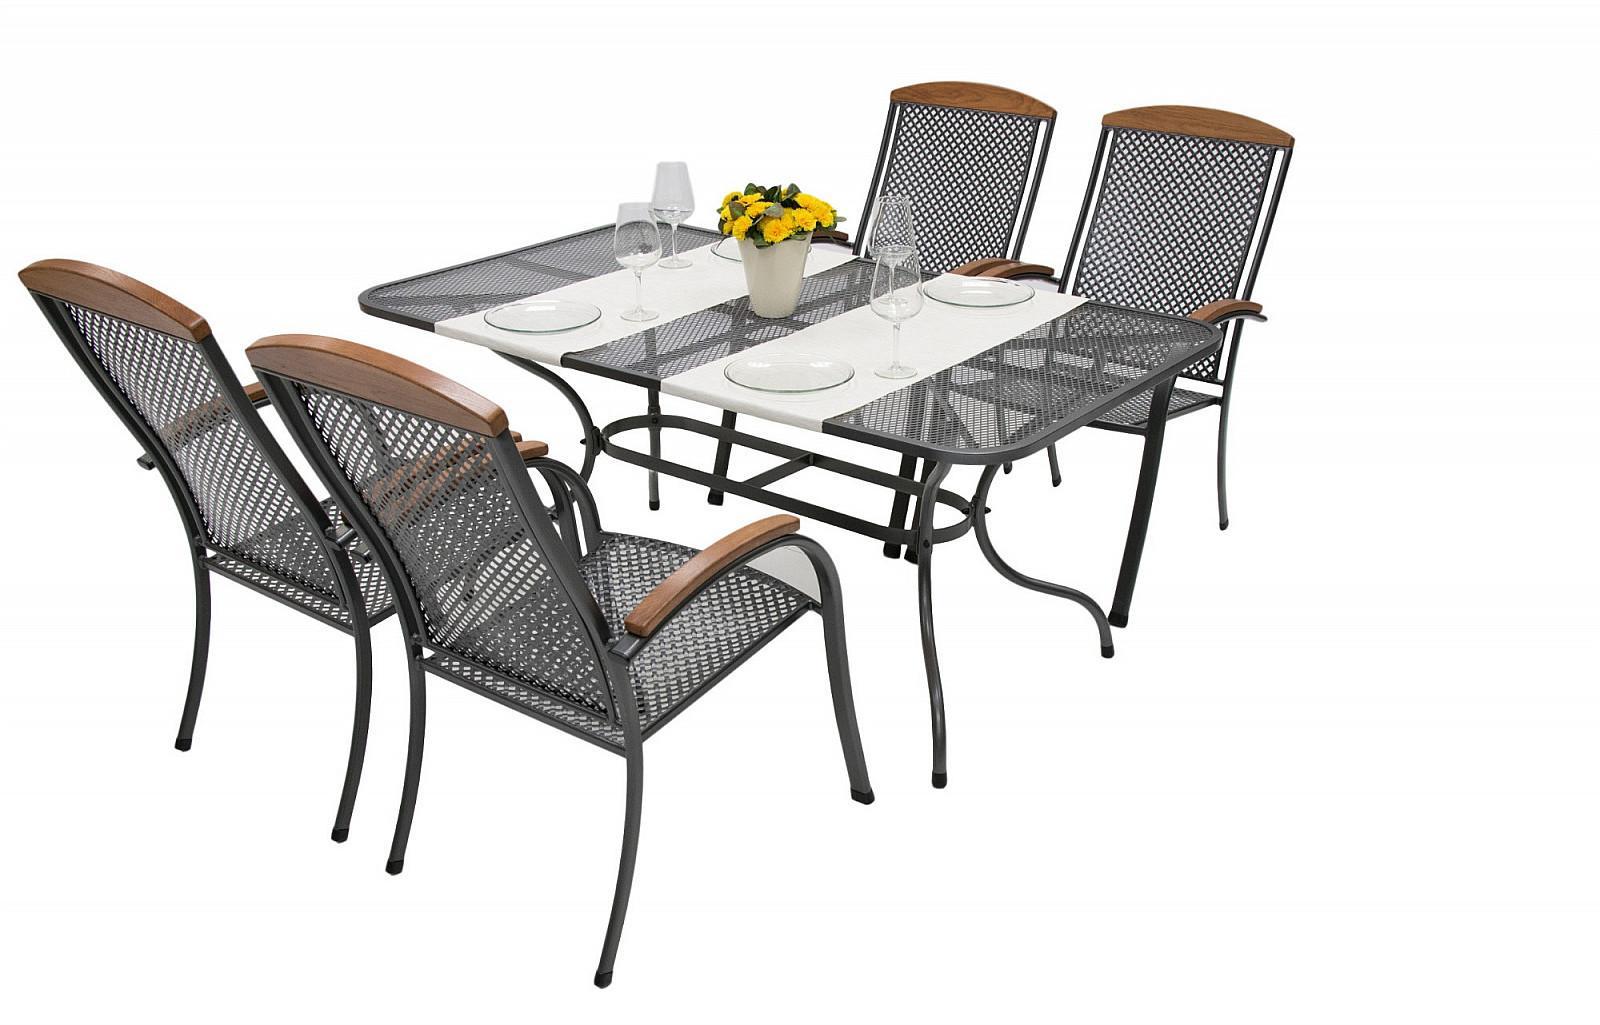 Unikov Záhradná kovová zostava MONACO I. 1+4 Stôl obdĺžnikový 190x105 cm